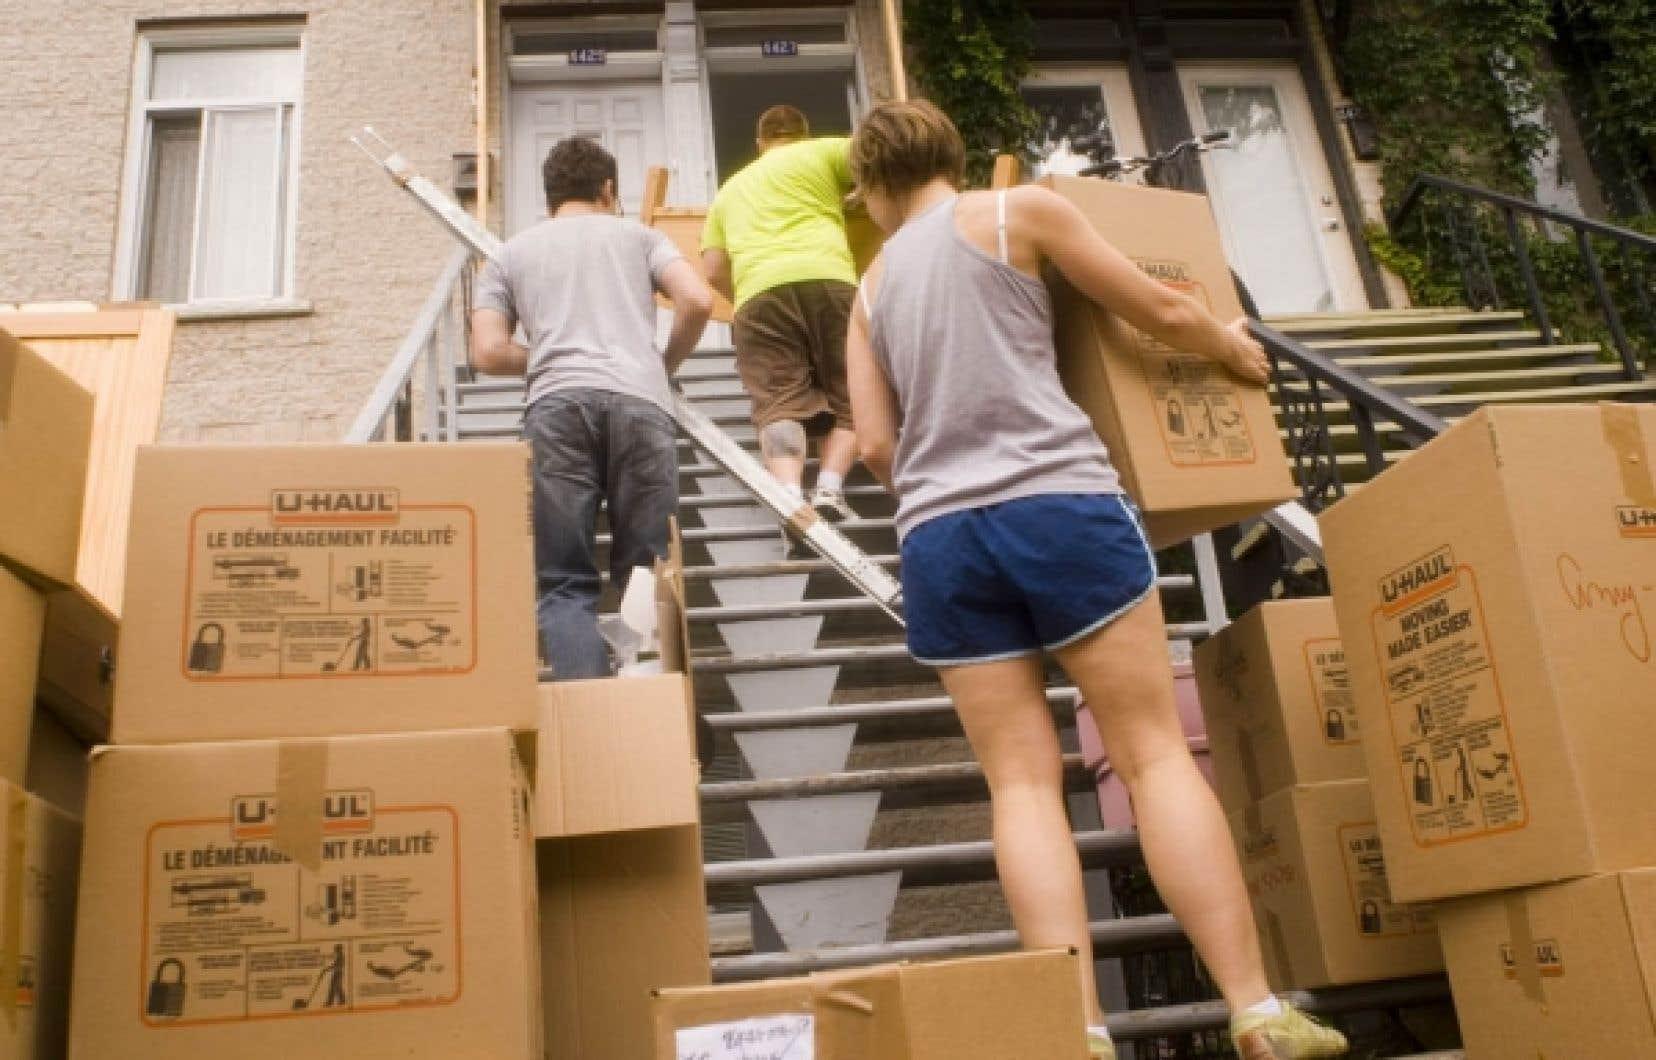 C'était la valse des boîtes, frigos et cuisinières, hier, à l'occasion du 1er juillet, journée où la plupart des déménagements se font au Québec.<br />